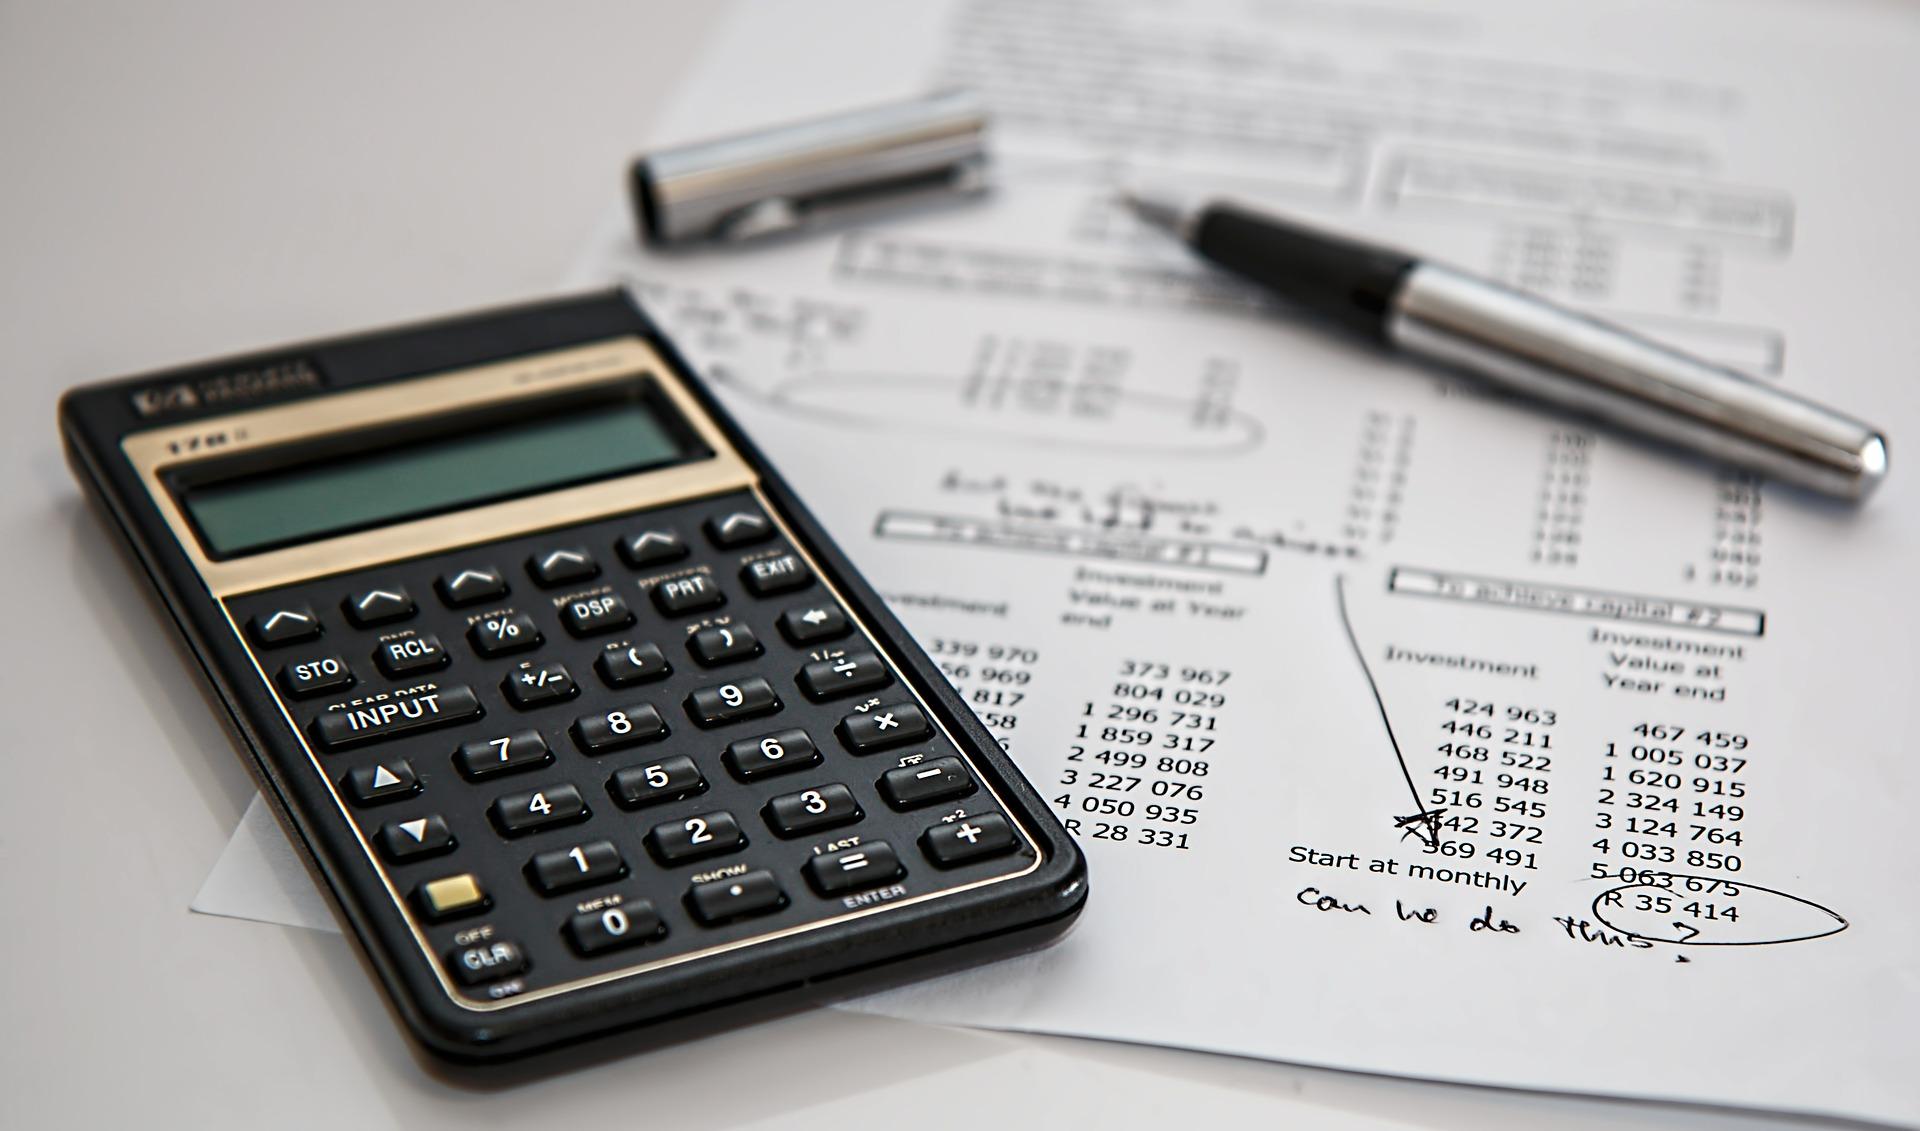 Taschenrechner mit einer Kalkulation